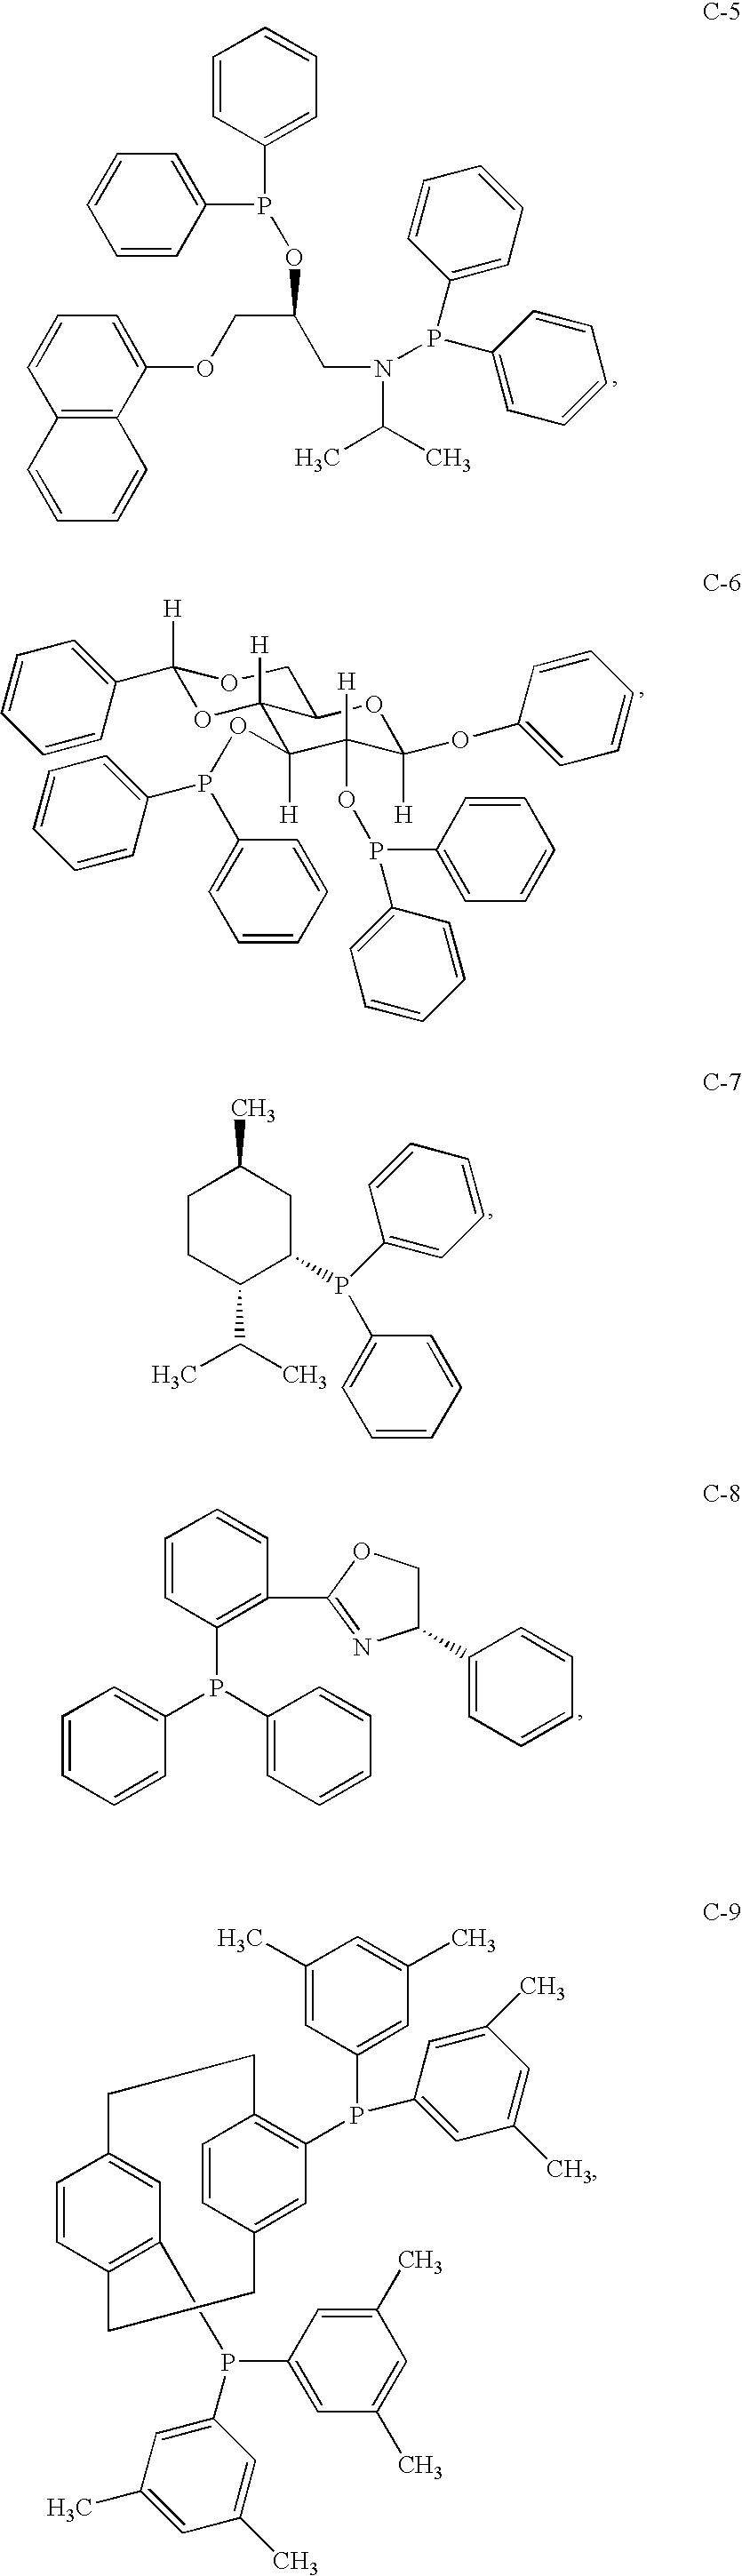 Figure US20100173892A1-20100708-C00042